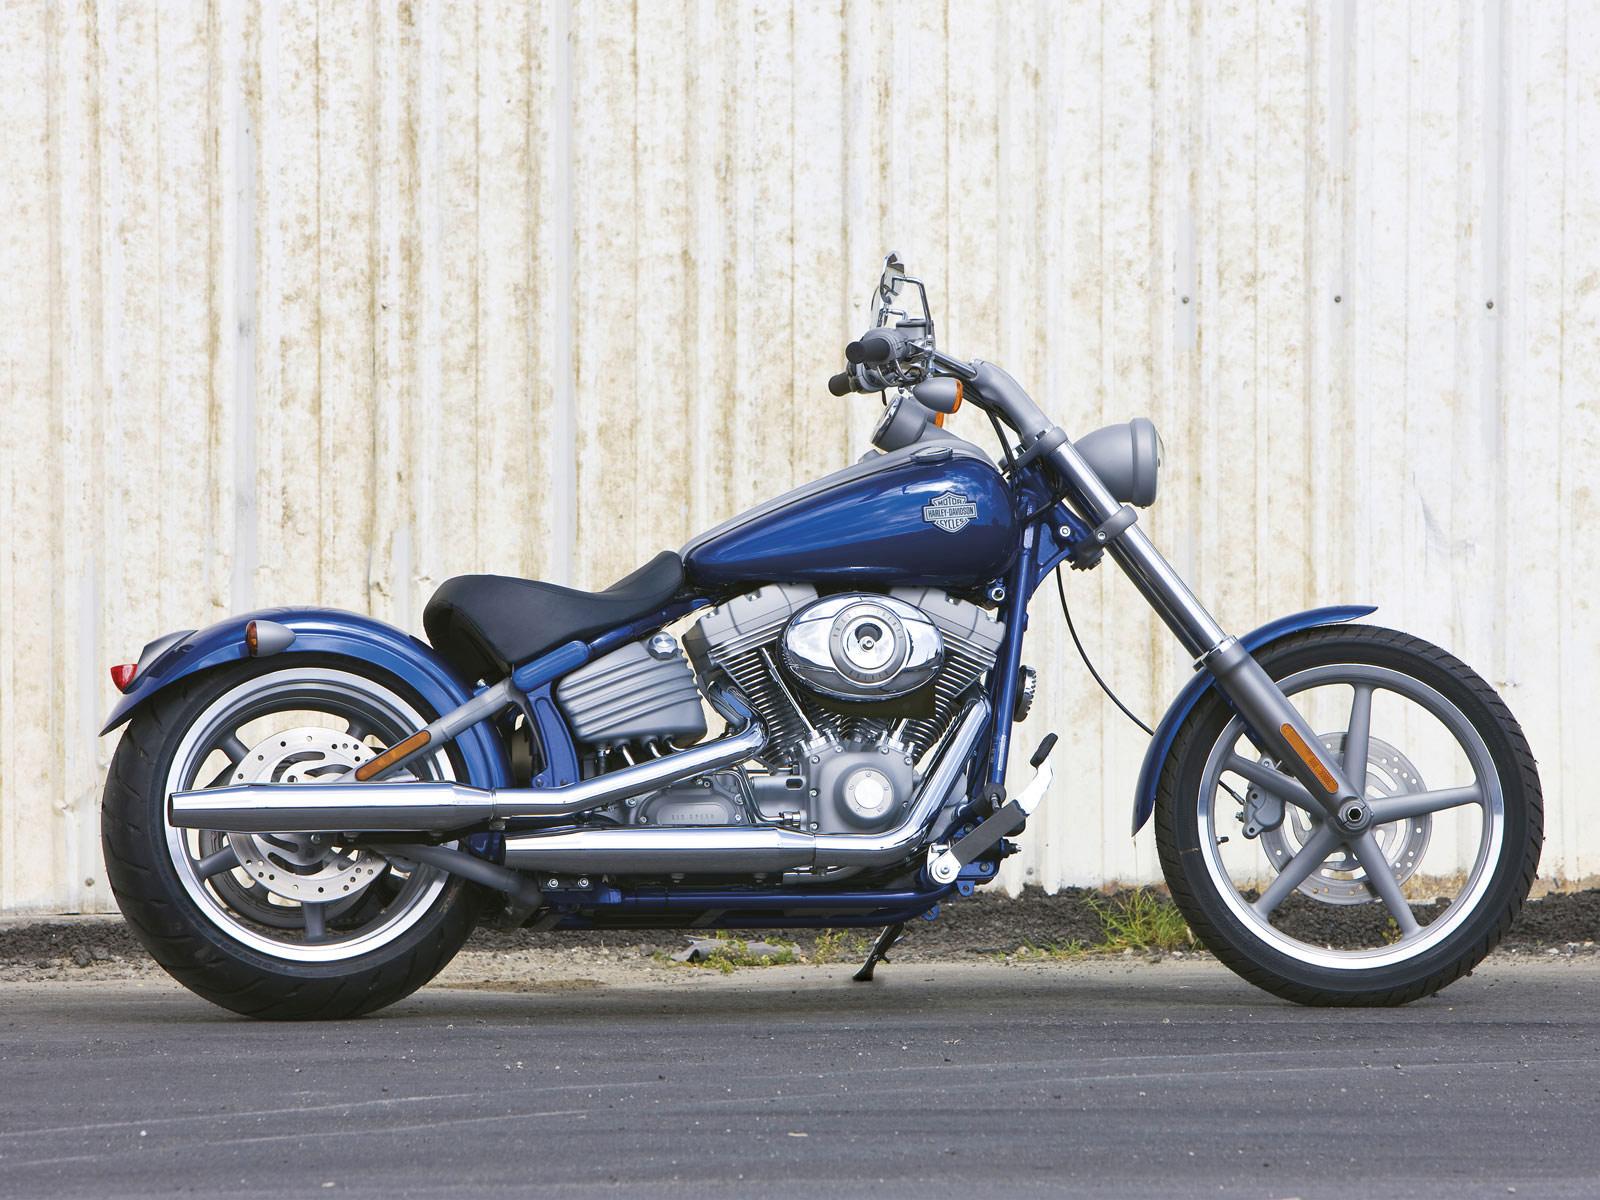 Harley Davidson Softail: Harley-Davidson Pictures. 2009 FXCW Softail Rocker